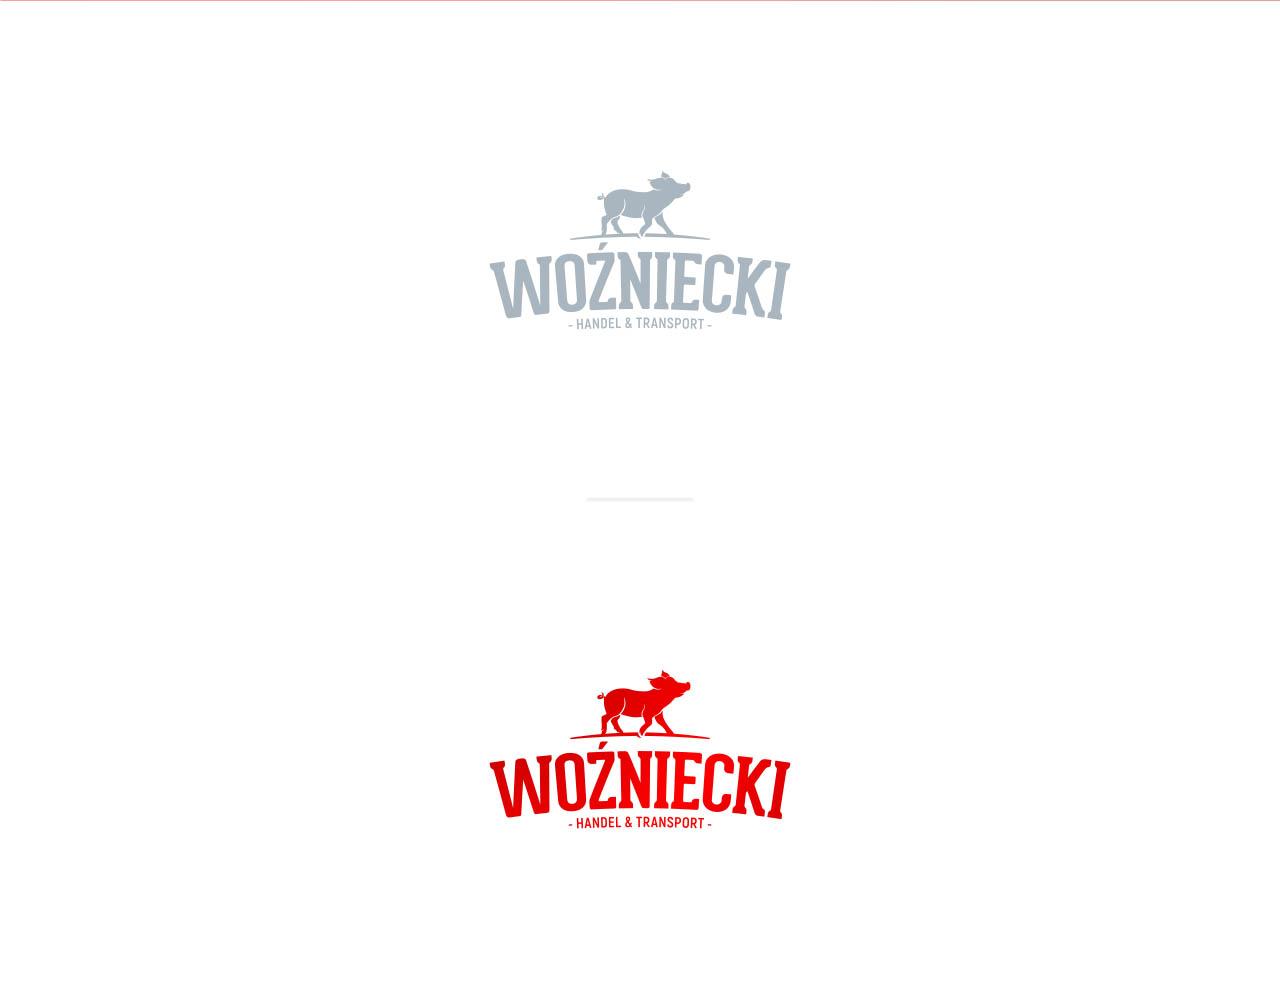 Projekt logo firmy Woźniecki w różnych wersjach kolorystycznych